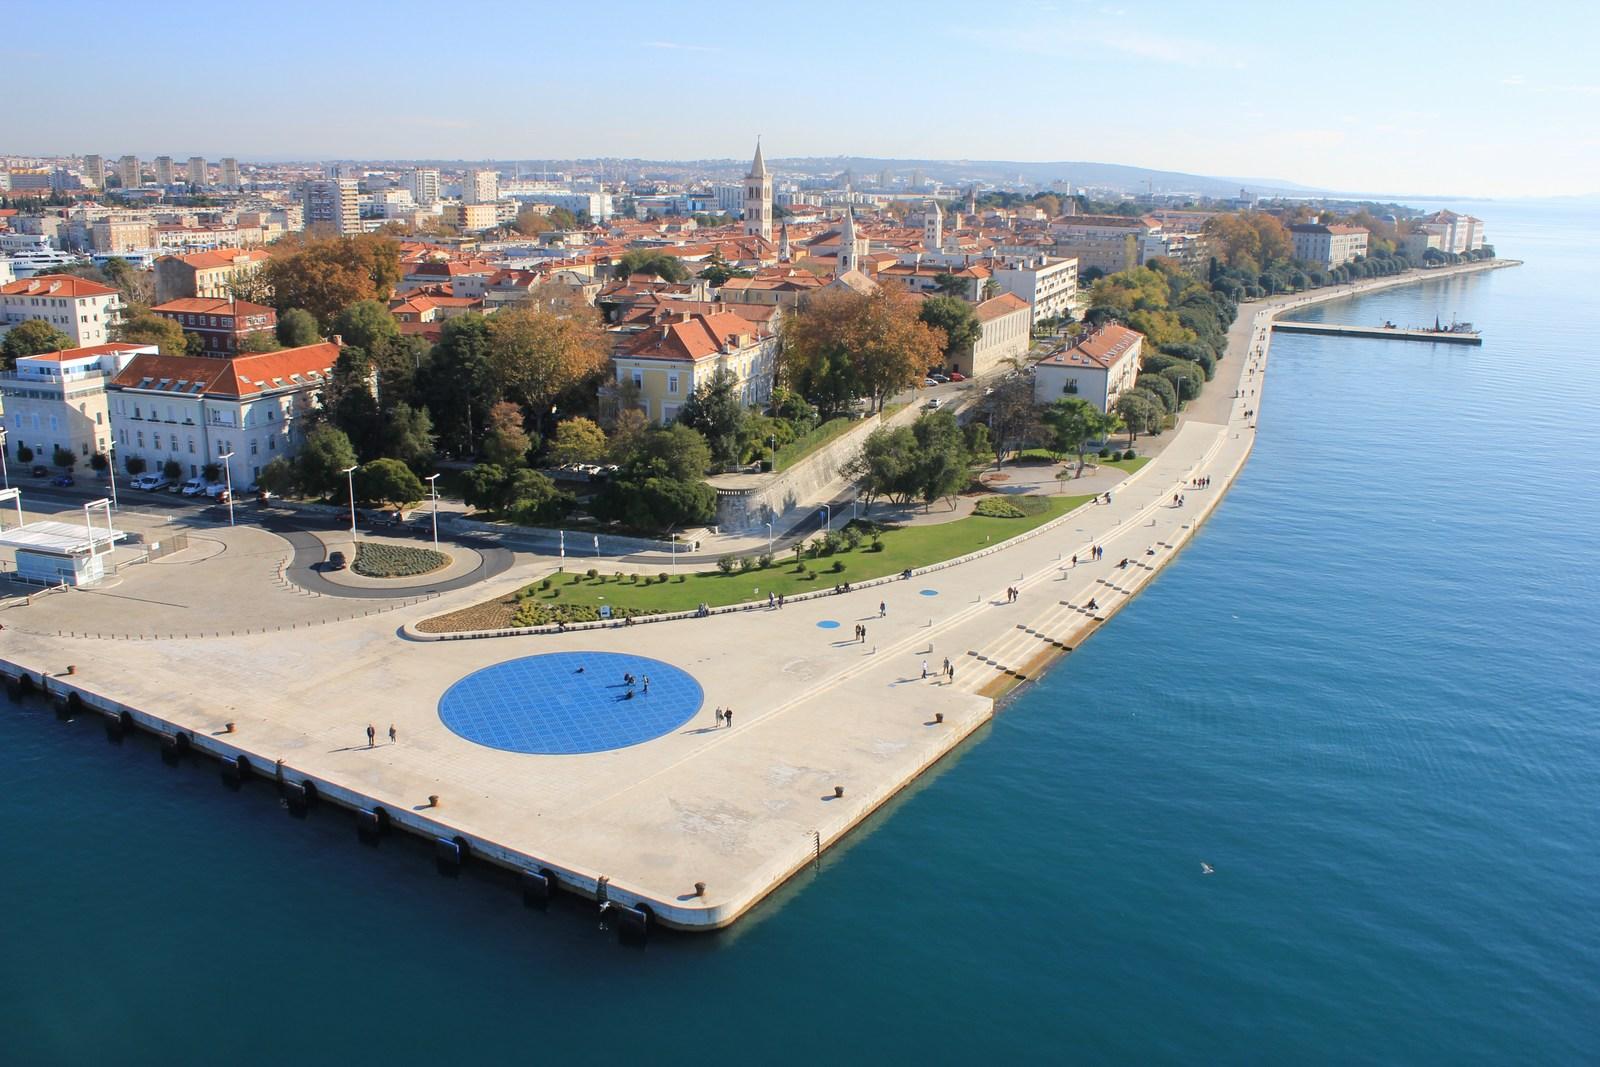 Fotografija iz zraka pokaže, da sta tako morske orgle kot svetlobna inštalacija Pozdrav soncu tik ena ob drugi. Foto: HTZ in V. Jednaković.